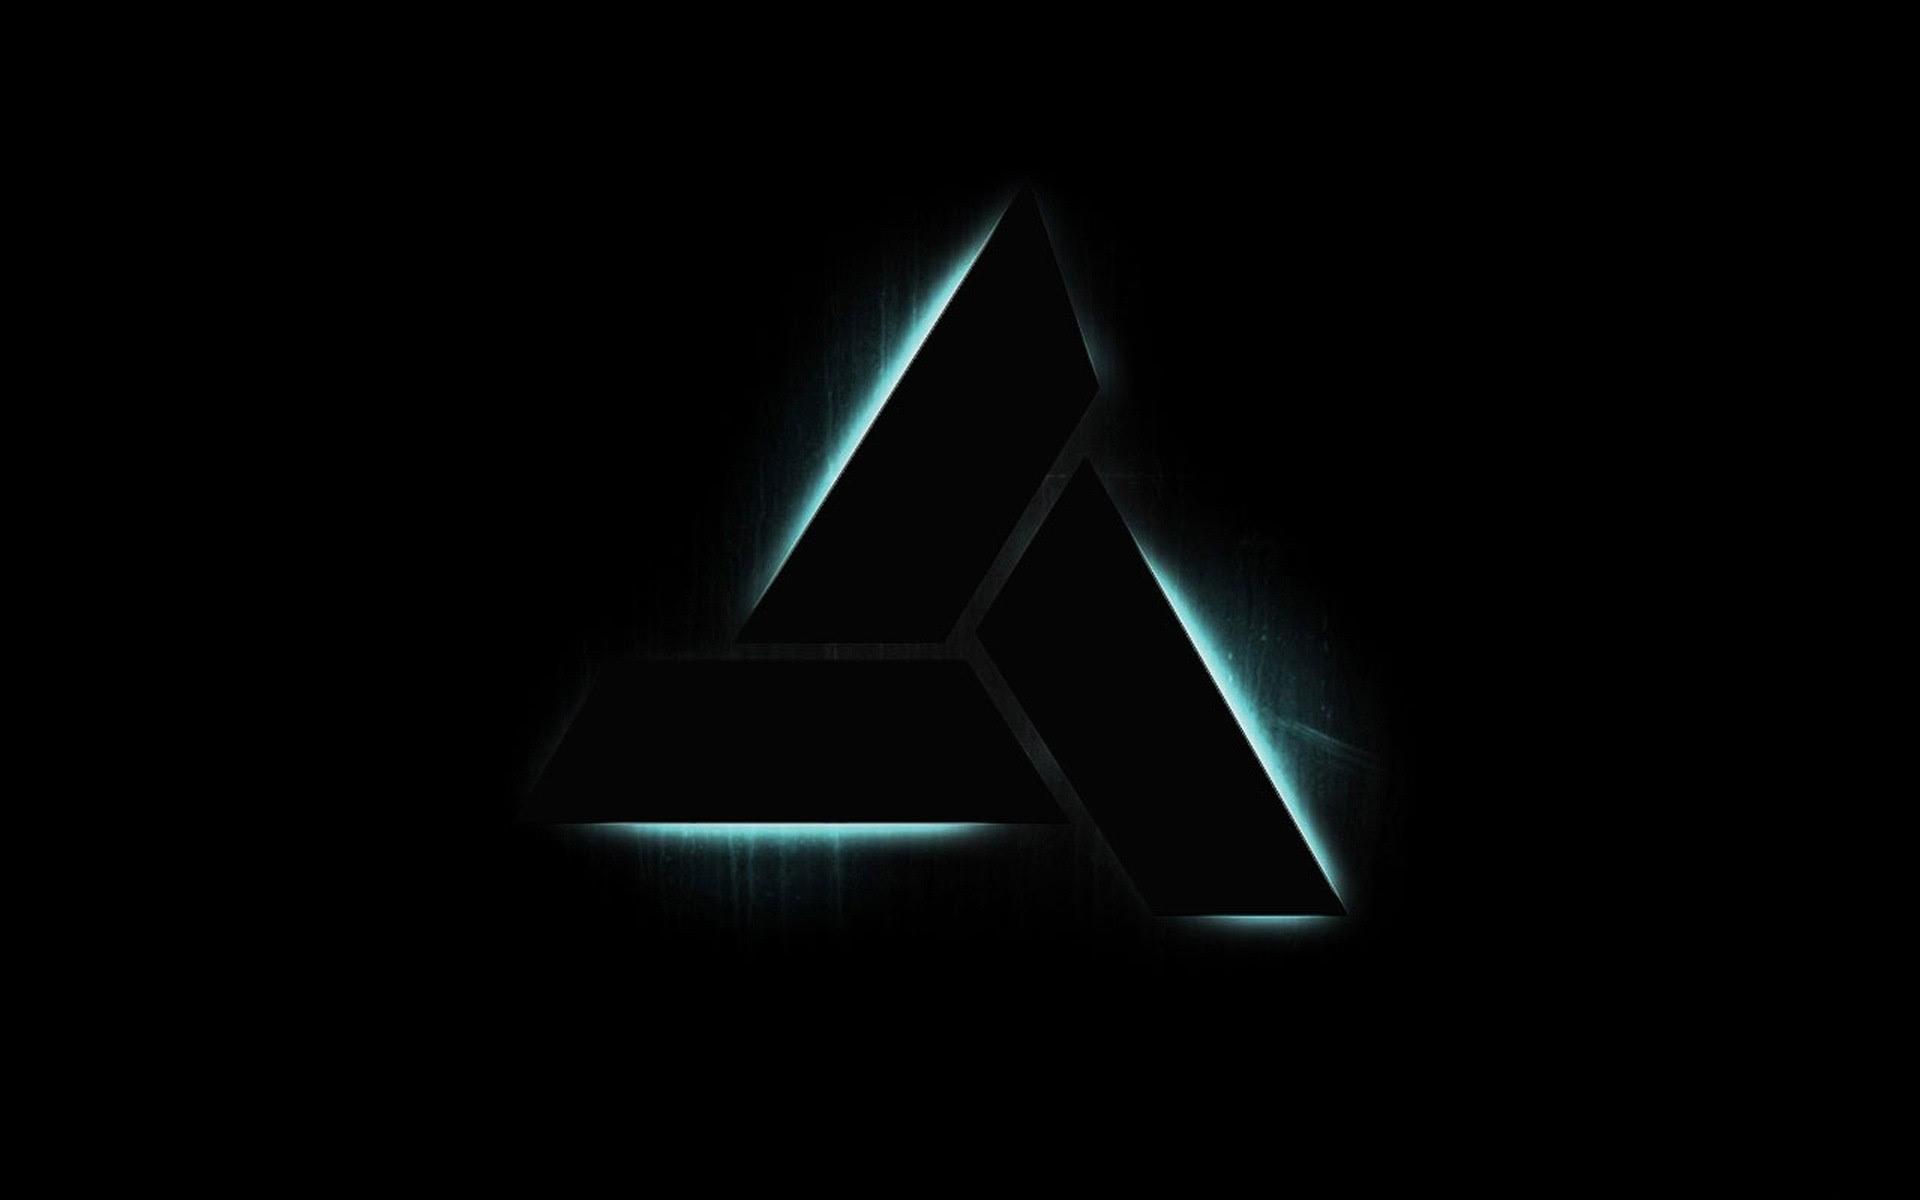 Assassins Creed Symbol Desktop Wallpaper 87 Images